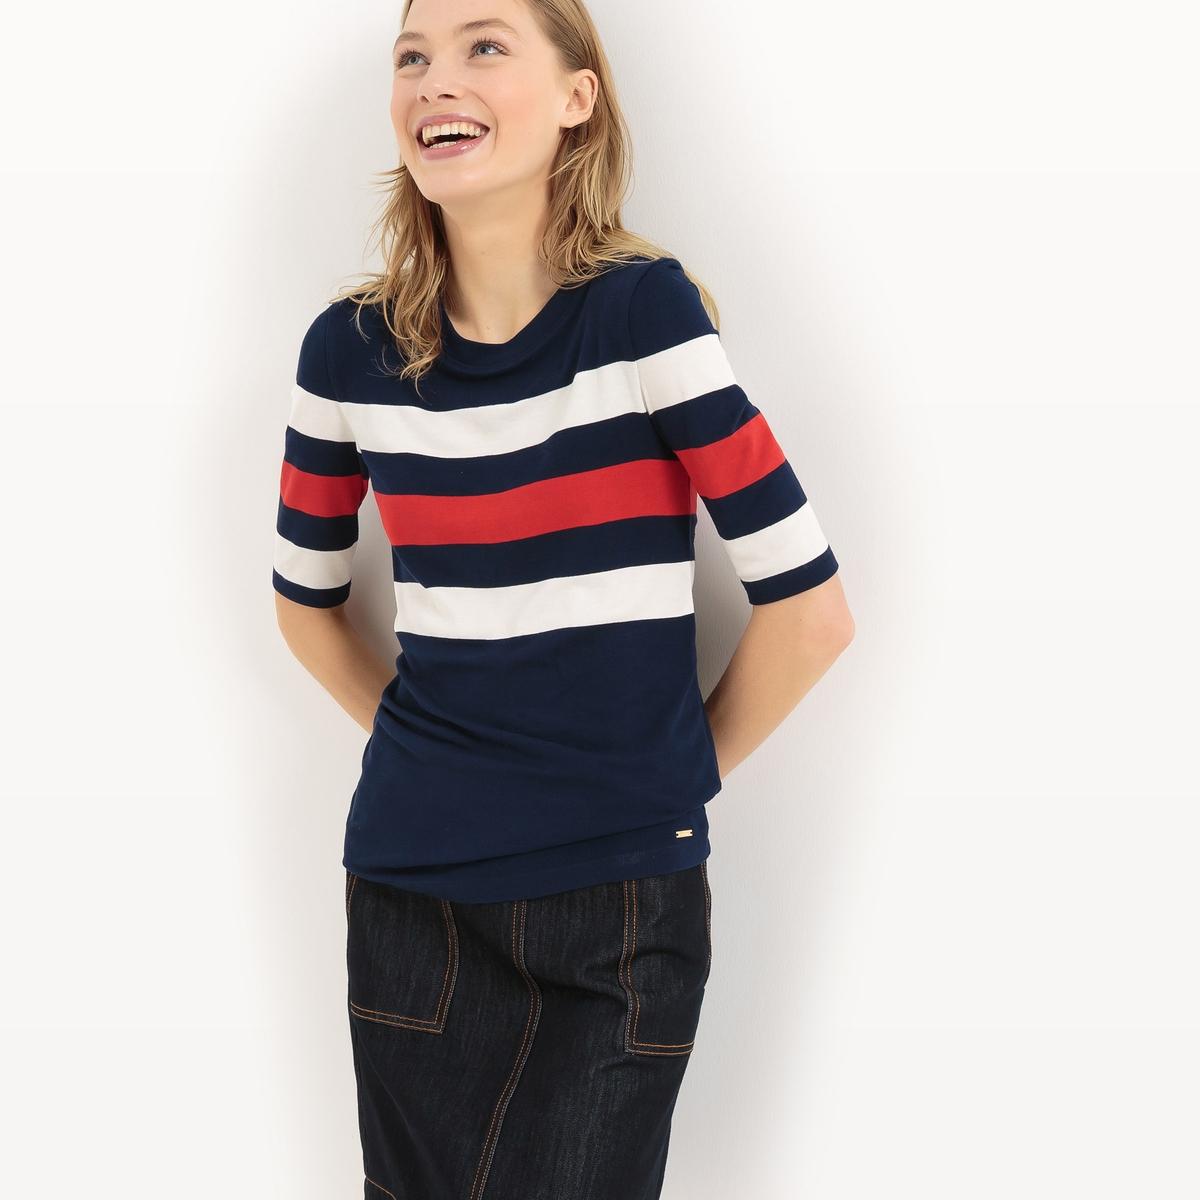 Пуловер из тонкого трикотажа в полоску с короткими рукавамиМатериал : 96% вискозы, 4% эластана  Длина рукава : Короткие рукава Форма воротника : Круглый вырез Покрой пуловера : СтандартныйРисунок : в полоску.<br><br>Цвет: темно-синий/ красный<br>Размер: M